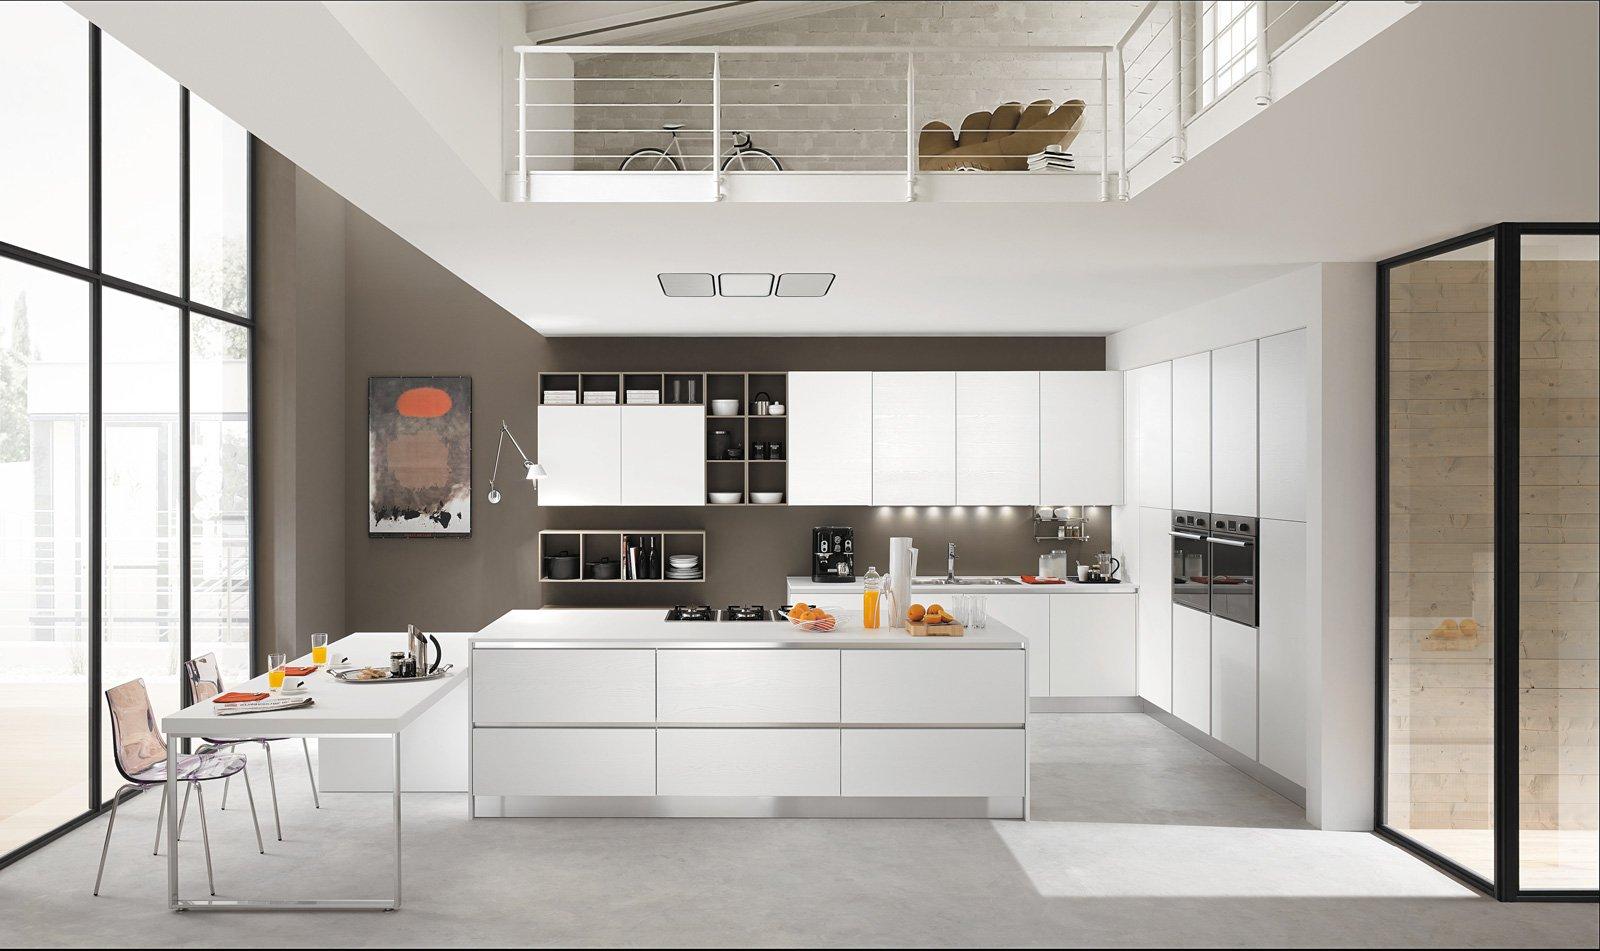 2 mobilturi vela cucina bianca cose di casa - Cucine bianche e legno ...